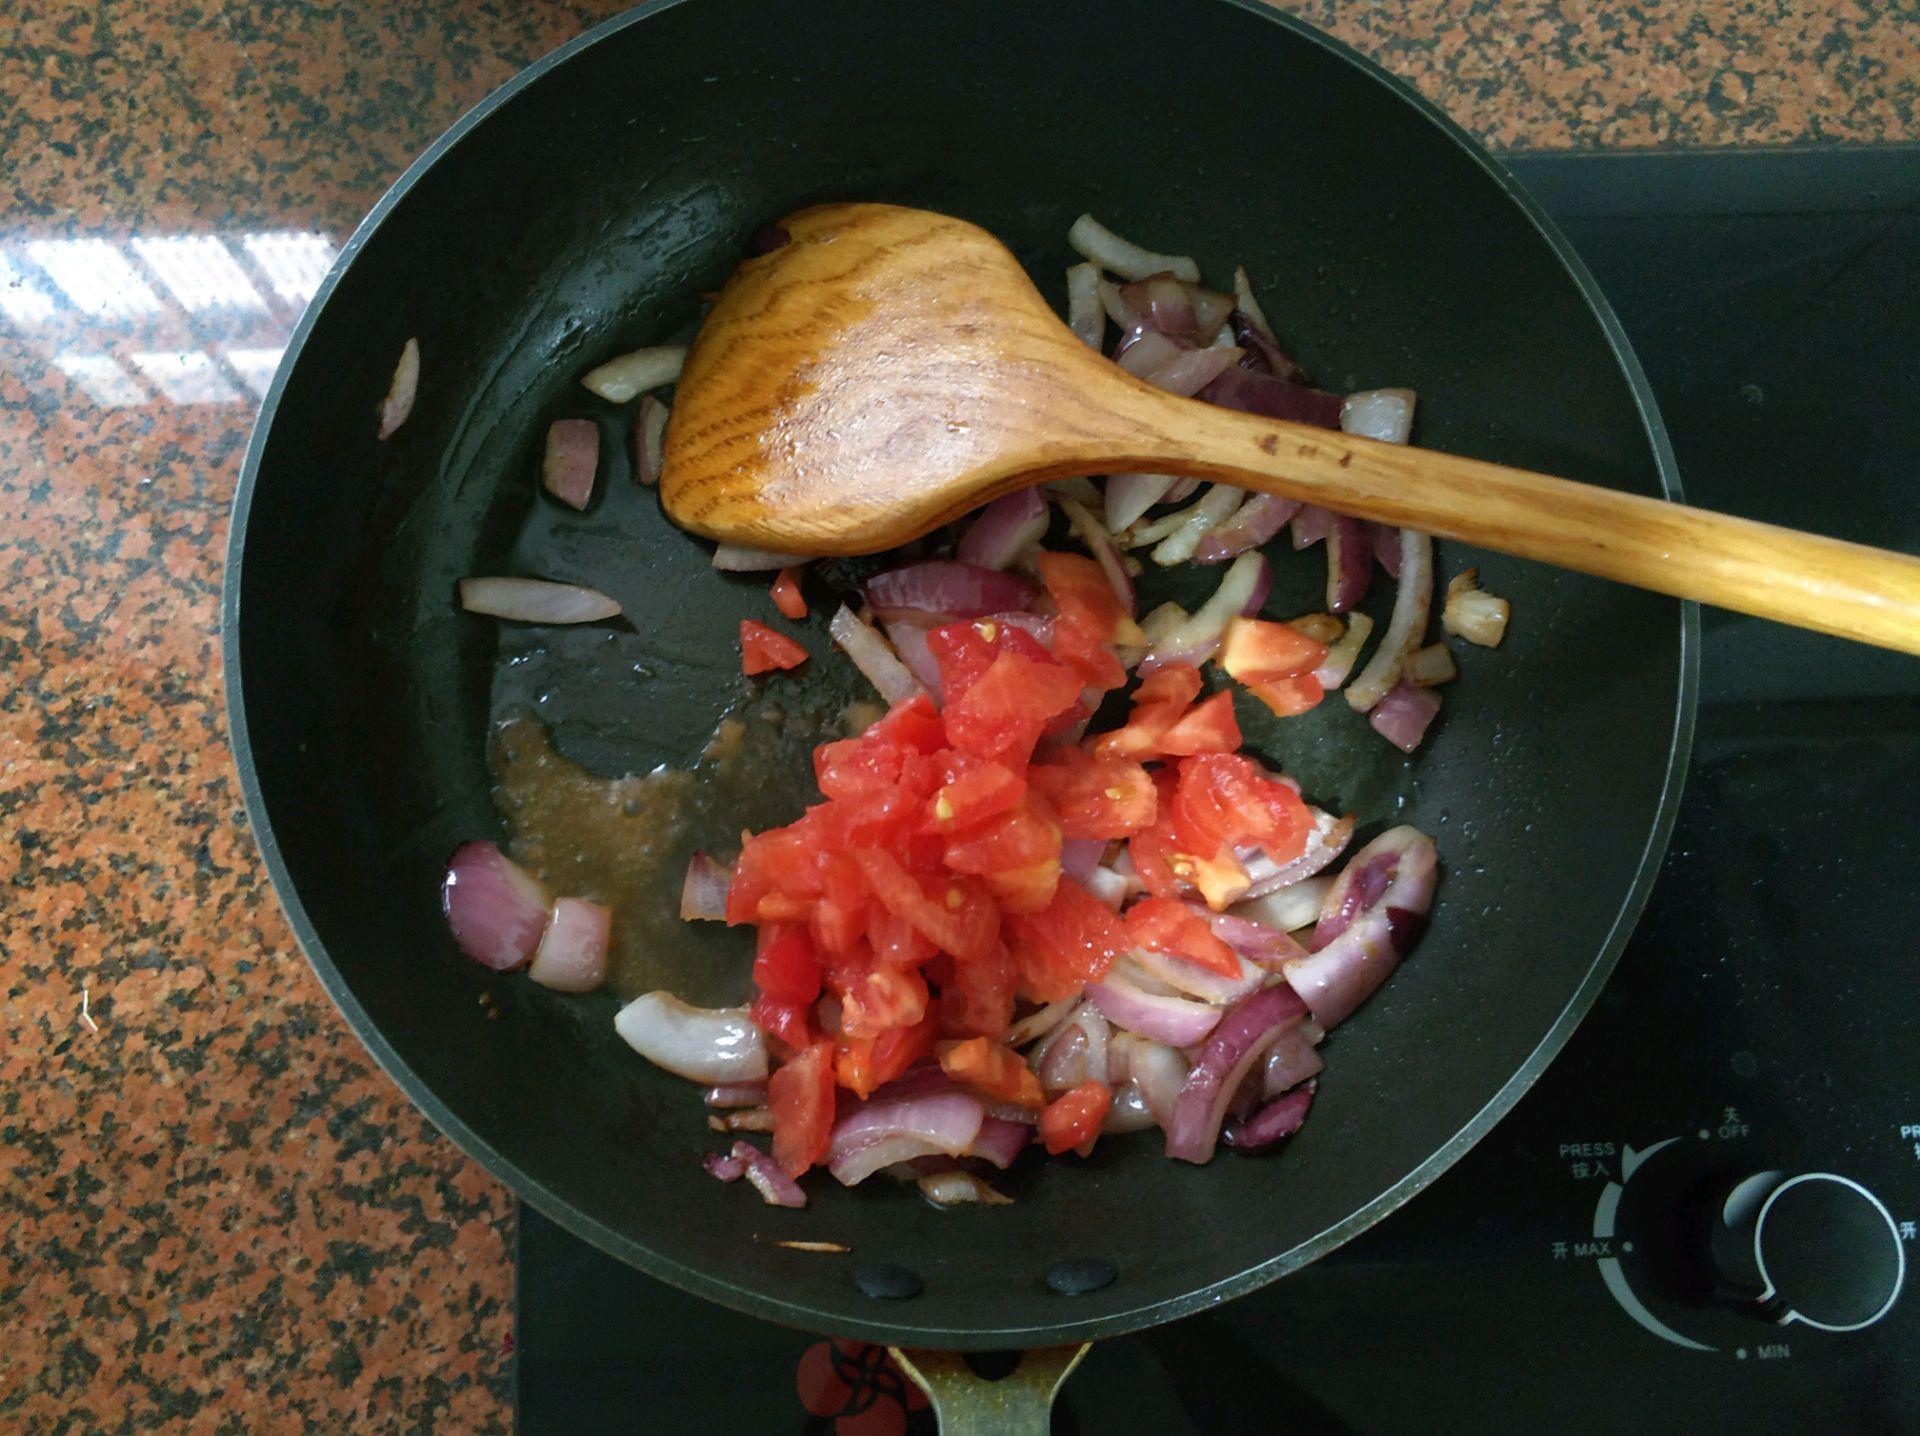 """Món mì tôm """"tầm thường"""" sẽ trở nên ngon """"đẳng cấp"""" sau khi bạn nấu theo cách này - Ảnh 2"""